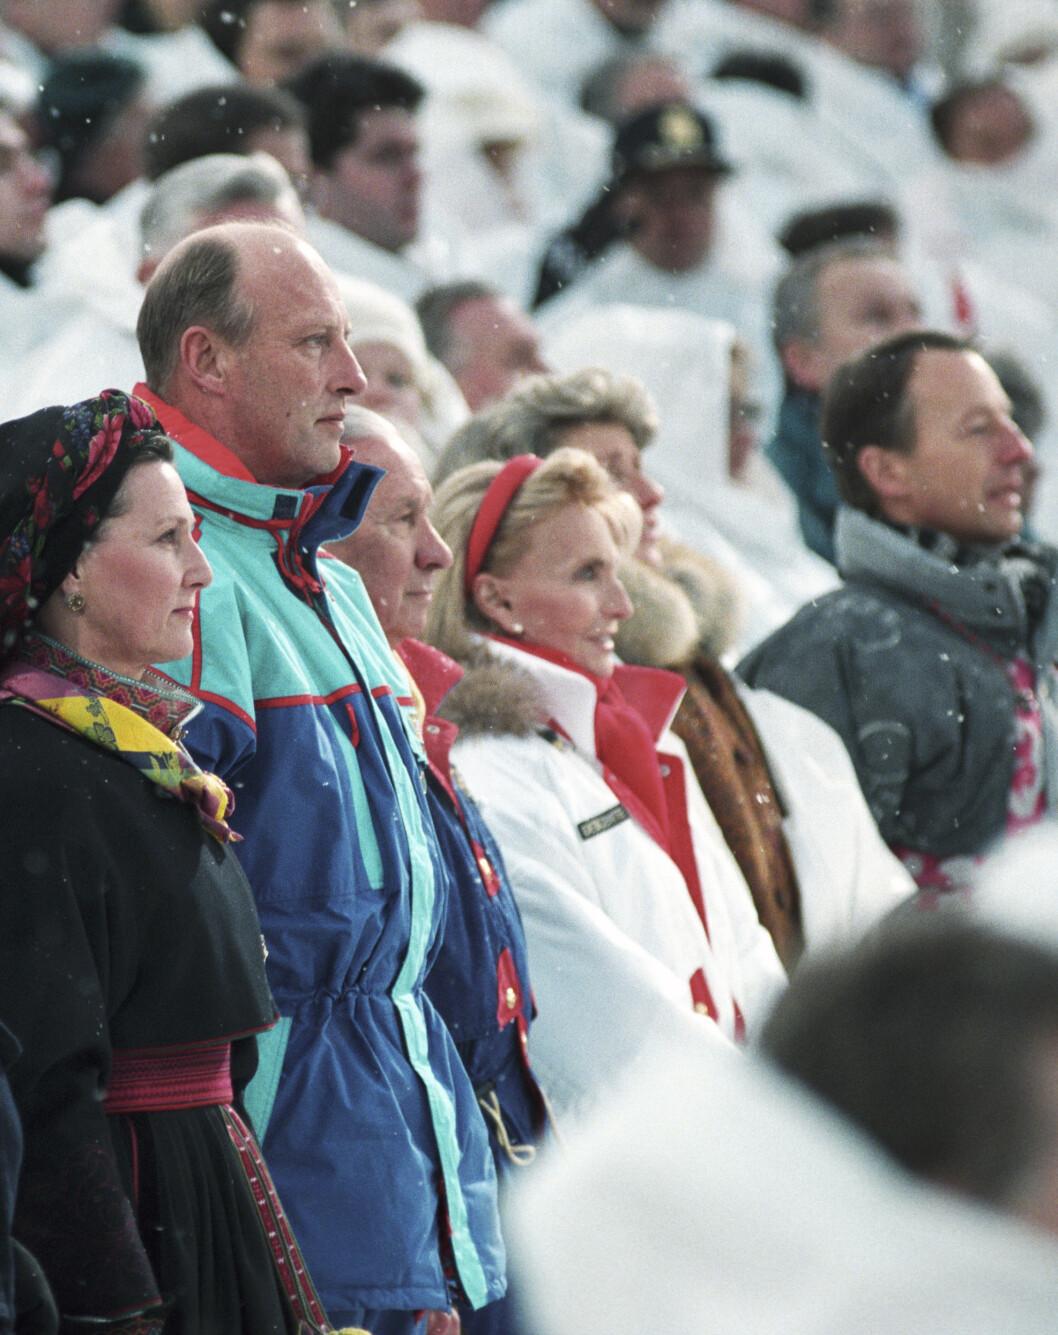 OL'94: Under åpningsseremonien av Vinter-OL på Lillehammer i 1994 var dronningen ikledd bunad, mens kongen brukte den karakteristiske 90-tallsbobledressen. FOTO: NTB Scanpix